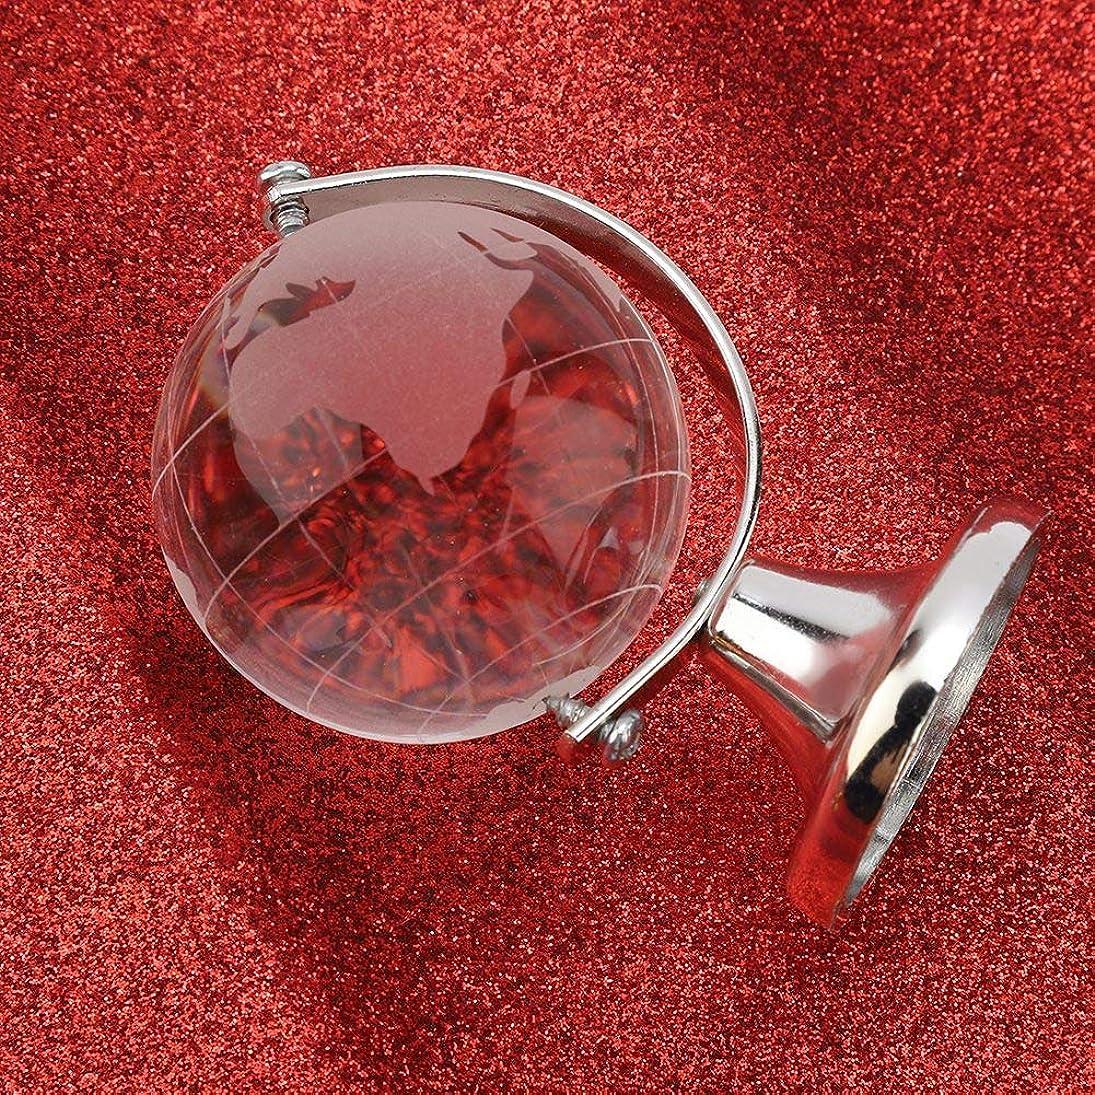 導体部門生まれホームデコレーションラウンドグローブ世界地図クリスタルボール球クリスタルホームオフィスデコレーションクリスタルガラスギフト(Silver)